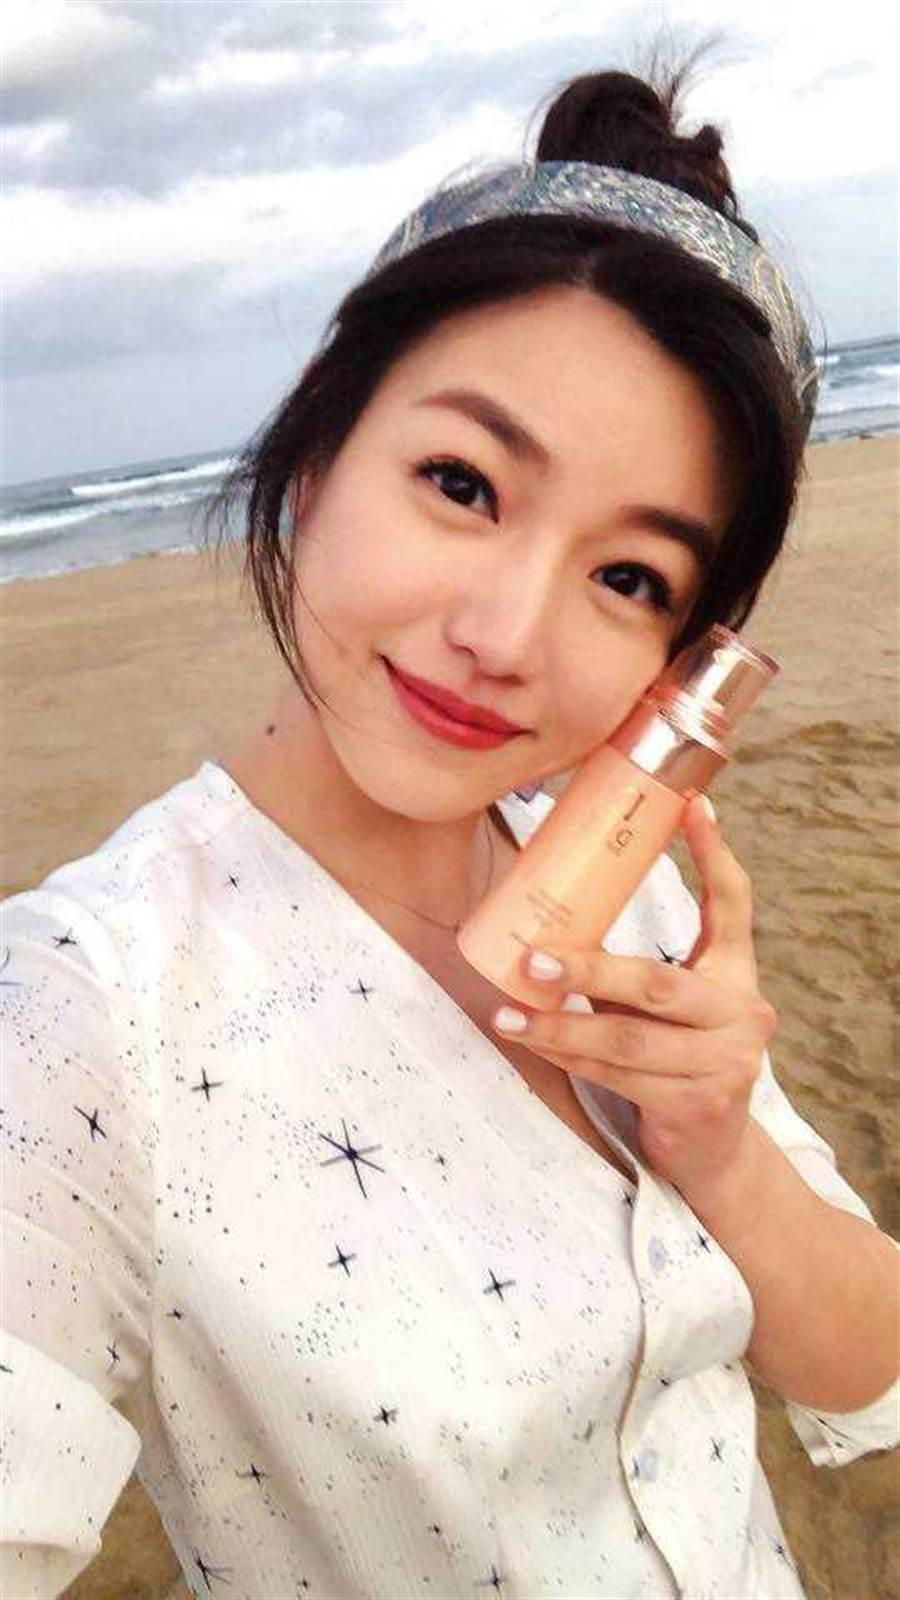 去年陳妍希風光代言國際化妝品牌,常稱職地在社群網站推薦產品。(圖/翻攝自陳妍希臉書)